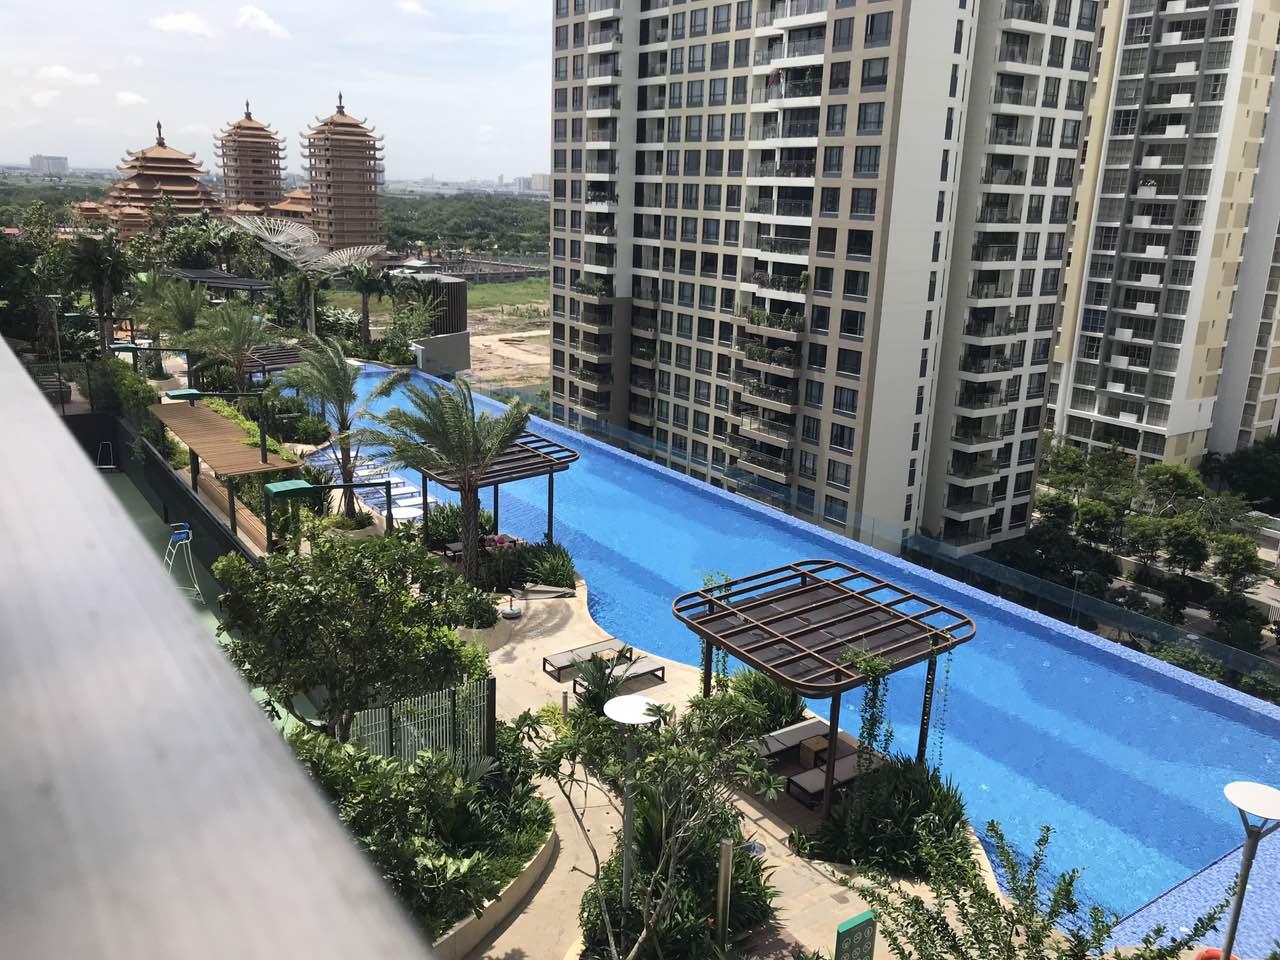 HOT! Bán gấp căn hộ ESTELLA HEIGHTS, Duplex, 121m2. Giá 8 tỉ và 7,7 tỉ